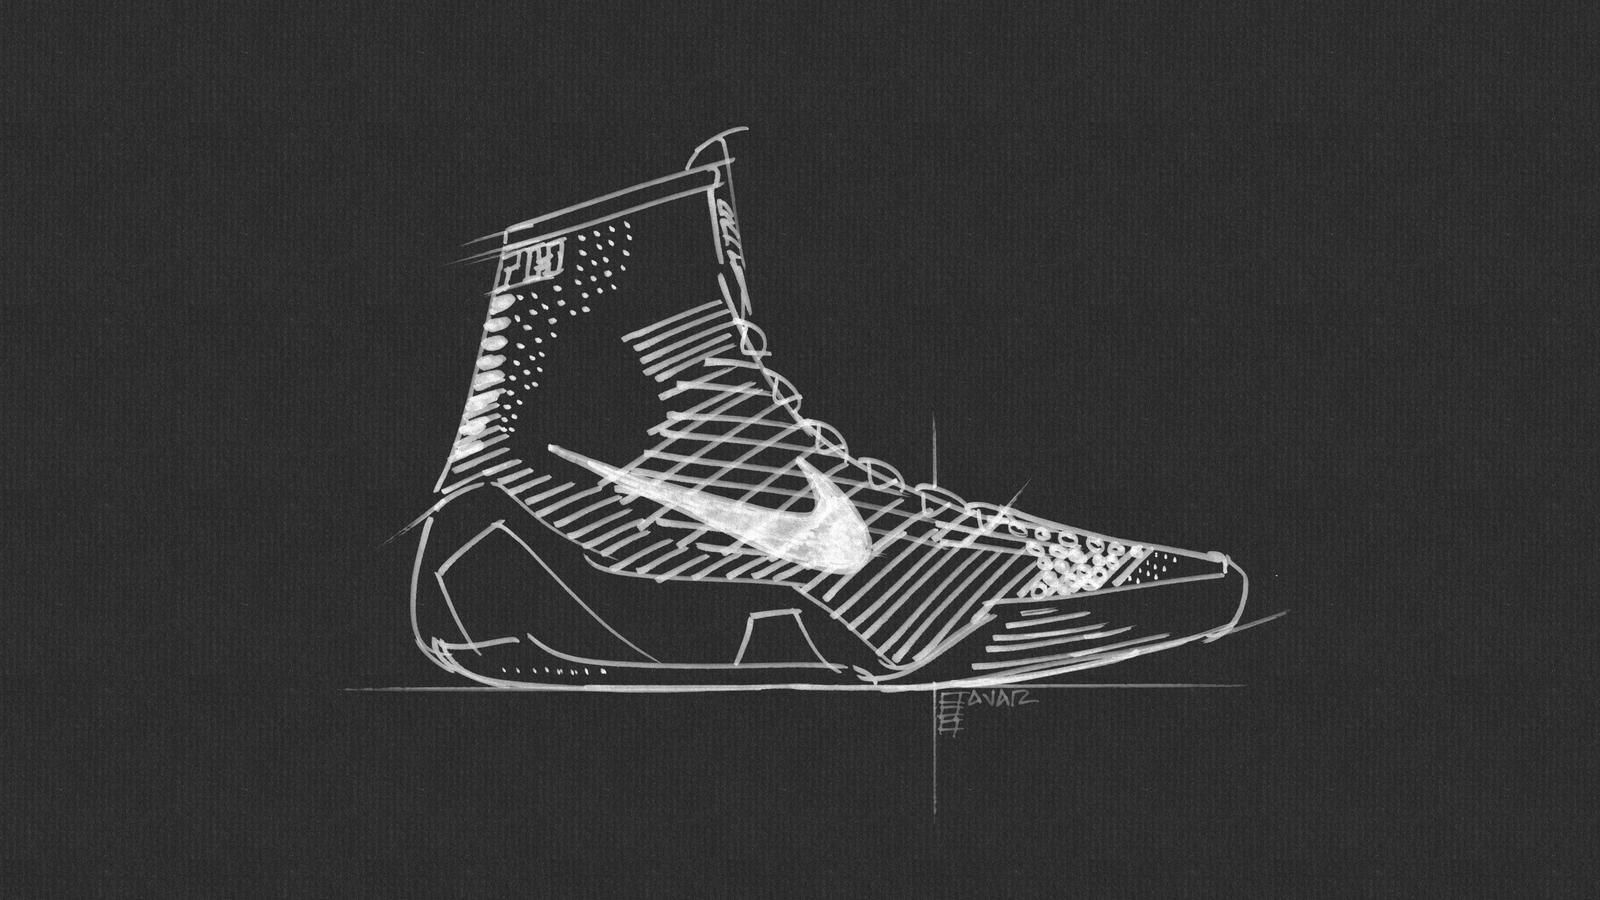 Drawn sneakers kobe 9 Footwear KOBE Image  Redefines